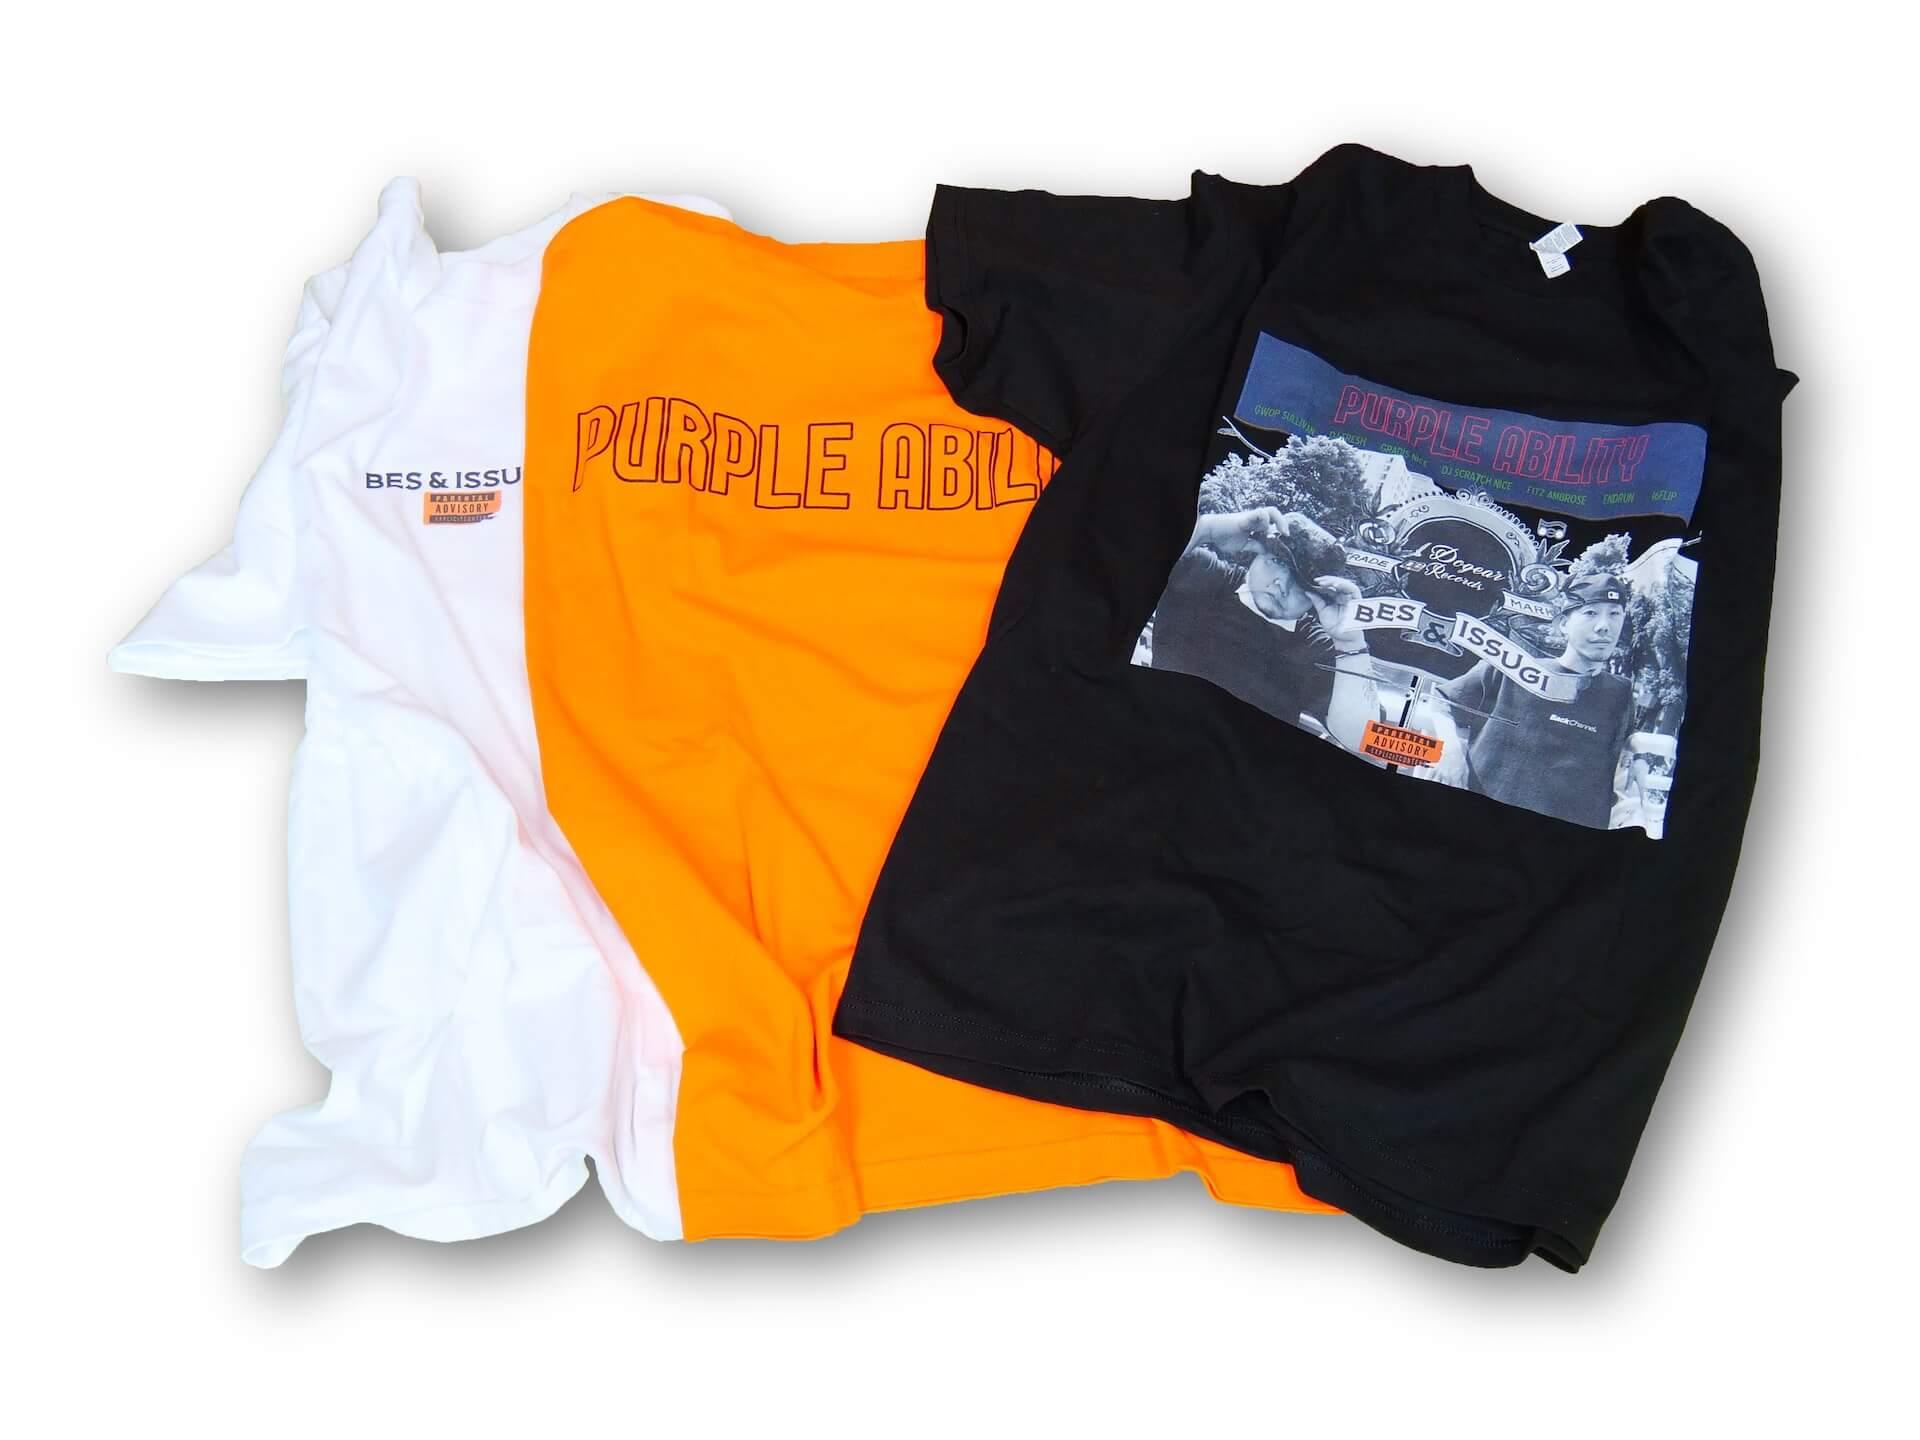 BESとISSUGIによる傑作ジョイントAL第2弾『Purple Ability』のジャケット、ロゴを用いたTシャツが完全限定で発売!予約受付が本日よりスタート! music200803-bes-issugi